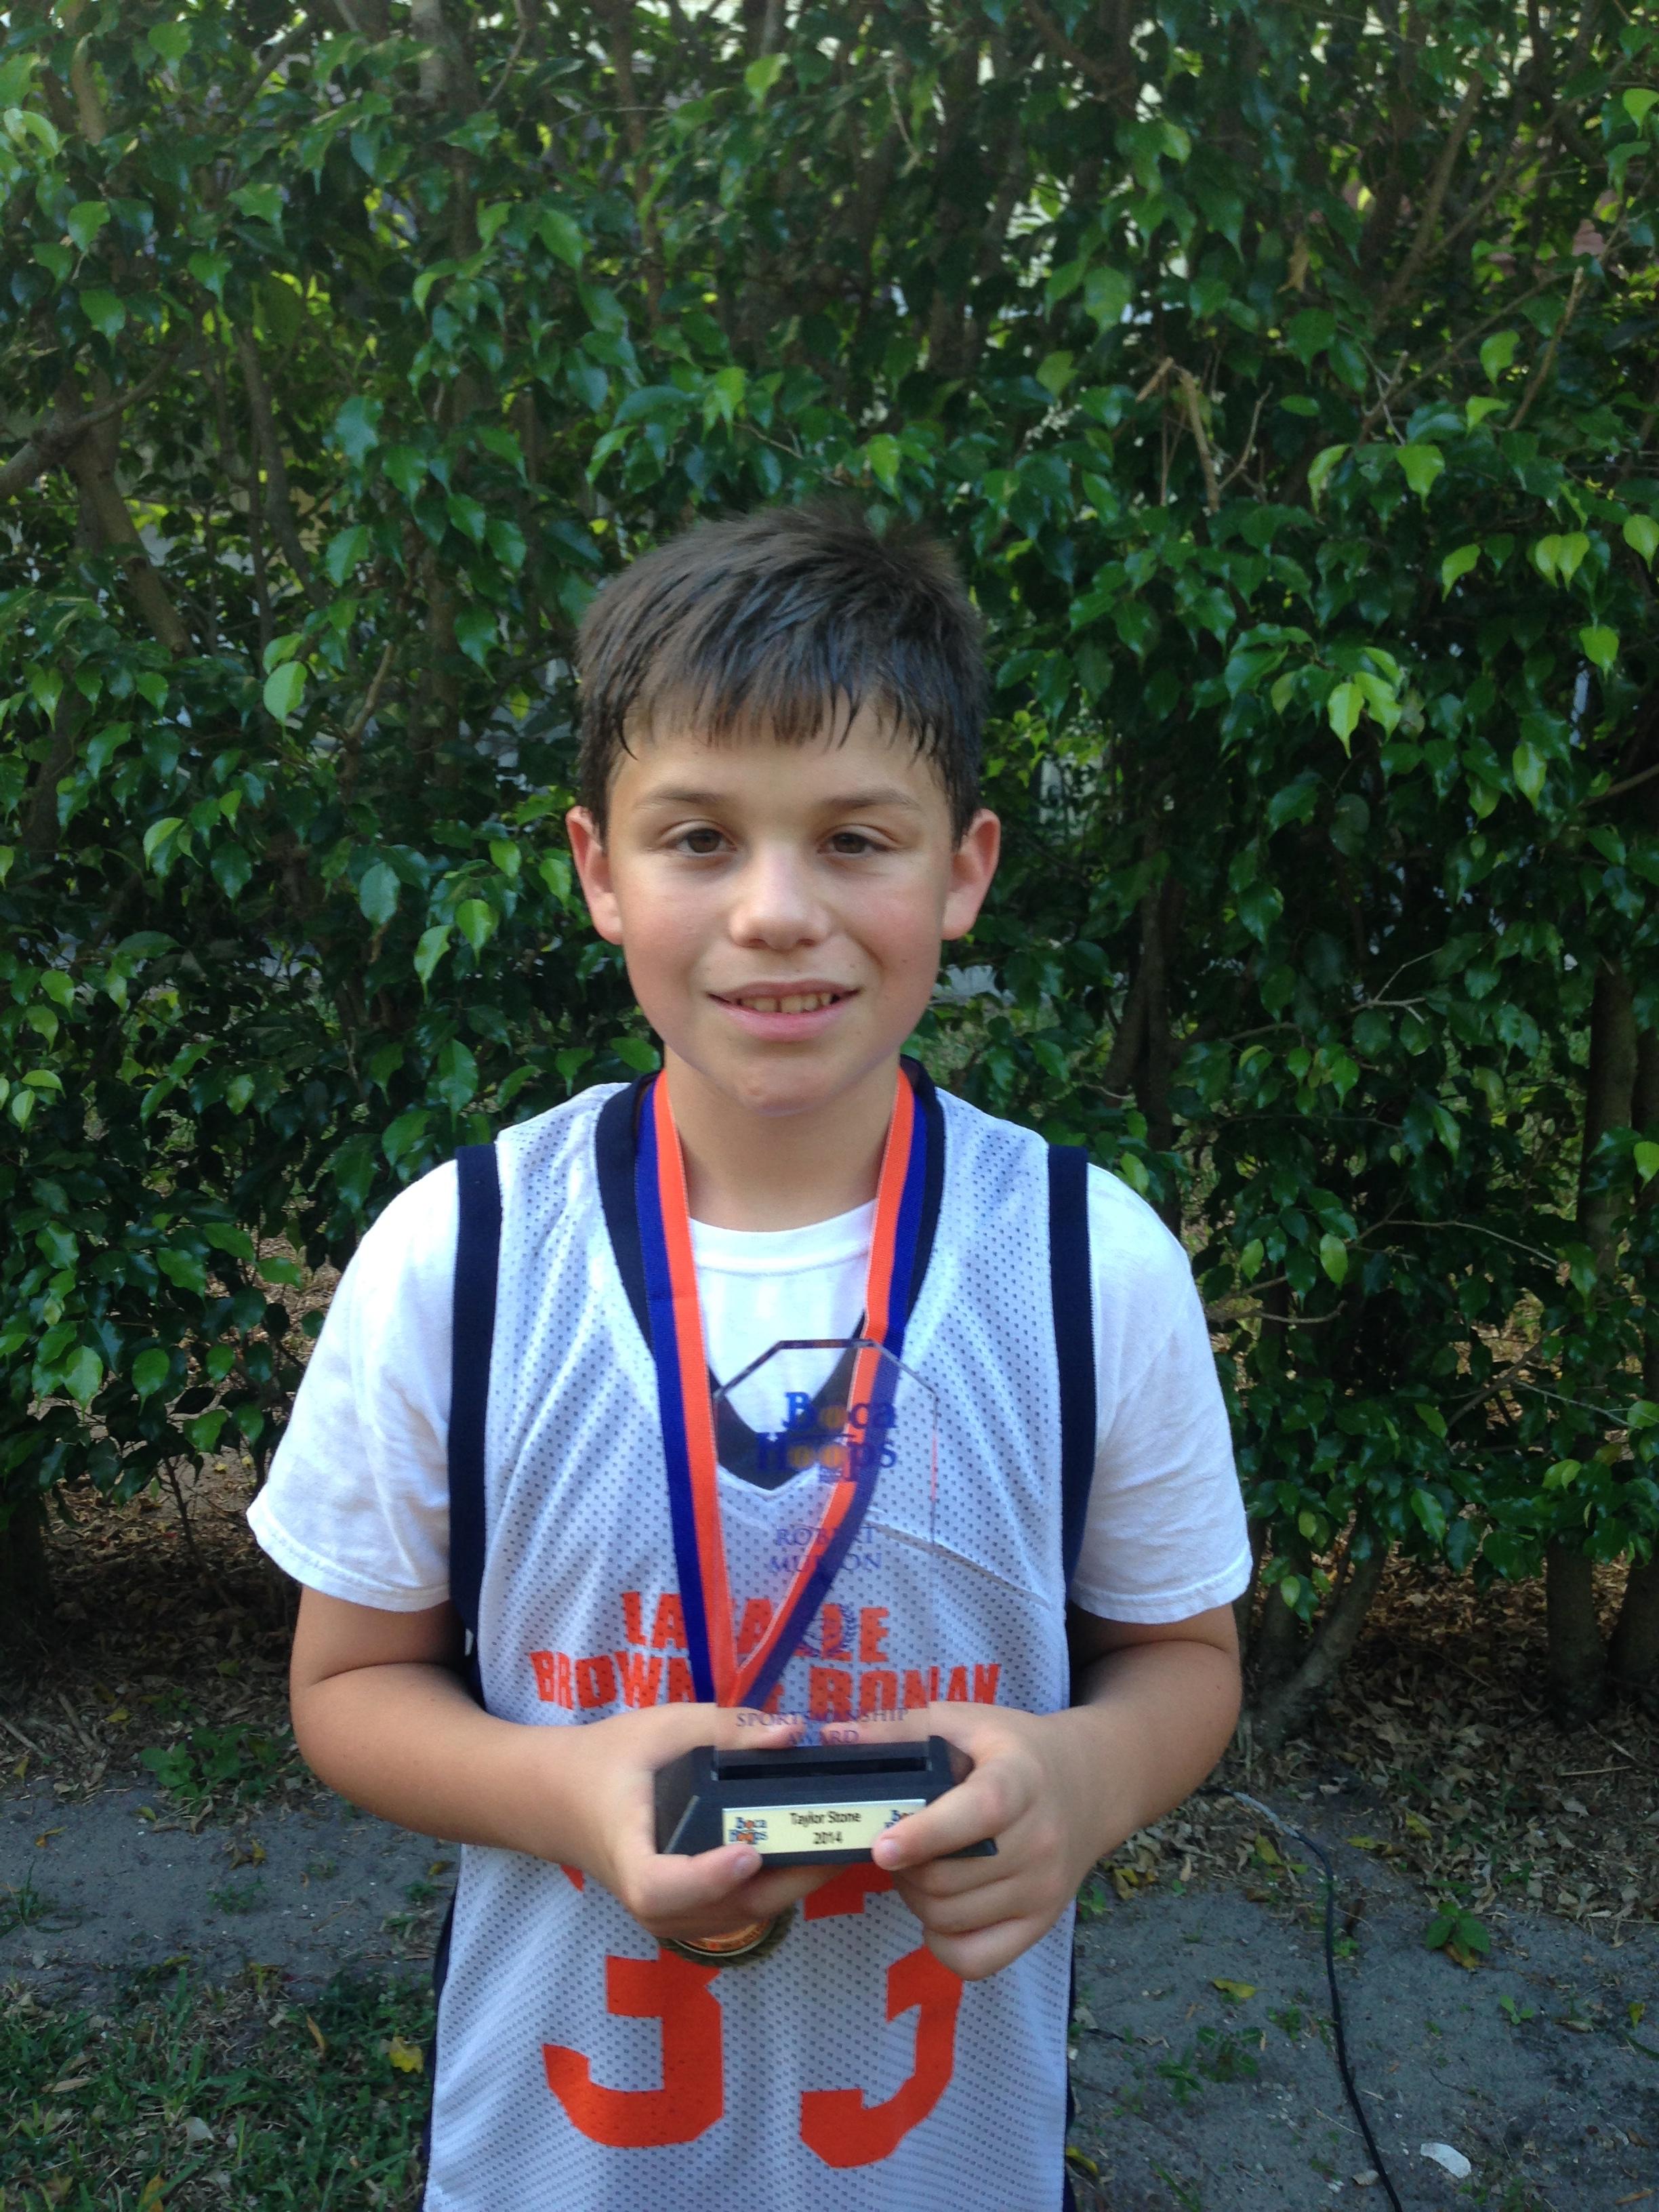 Robert Mufson Sportsmanship Award